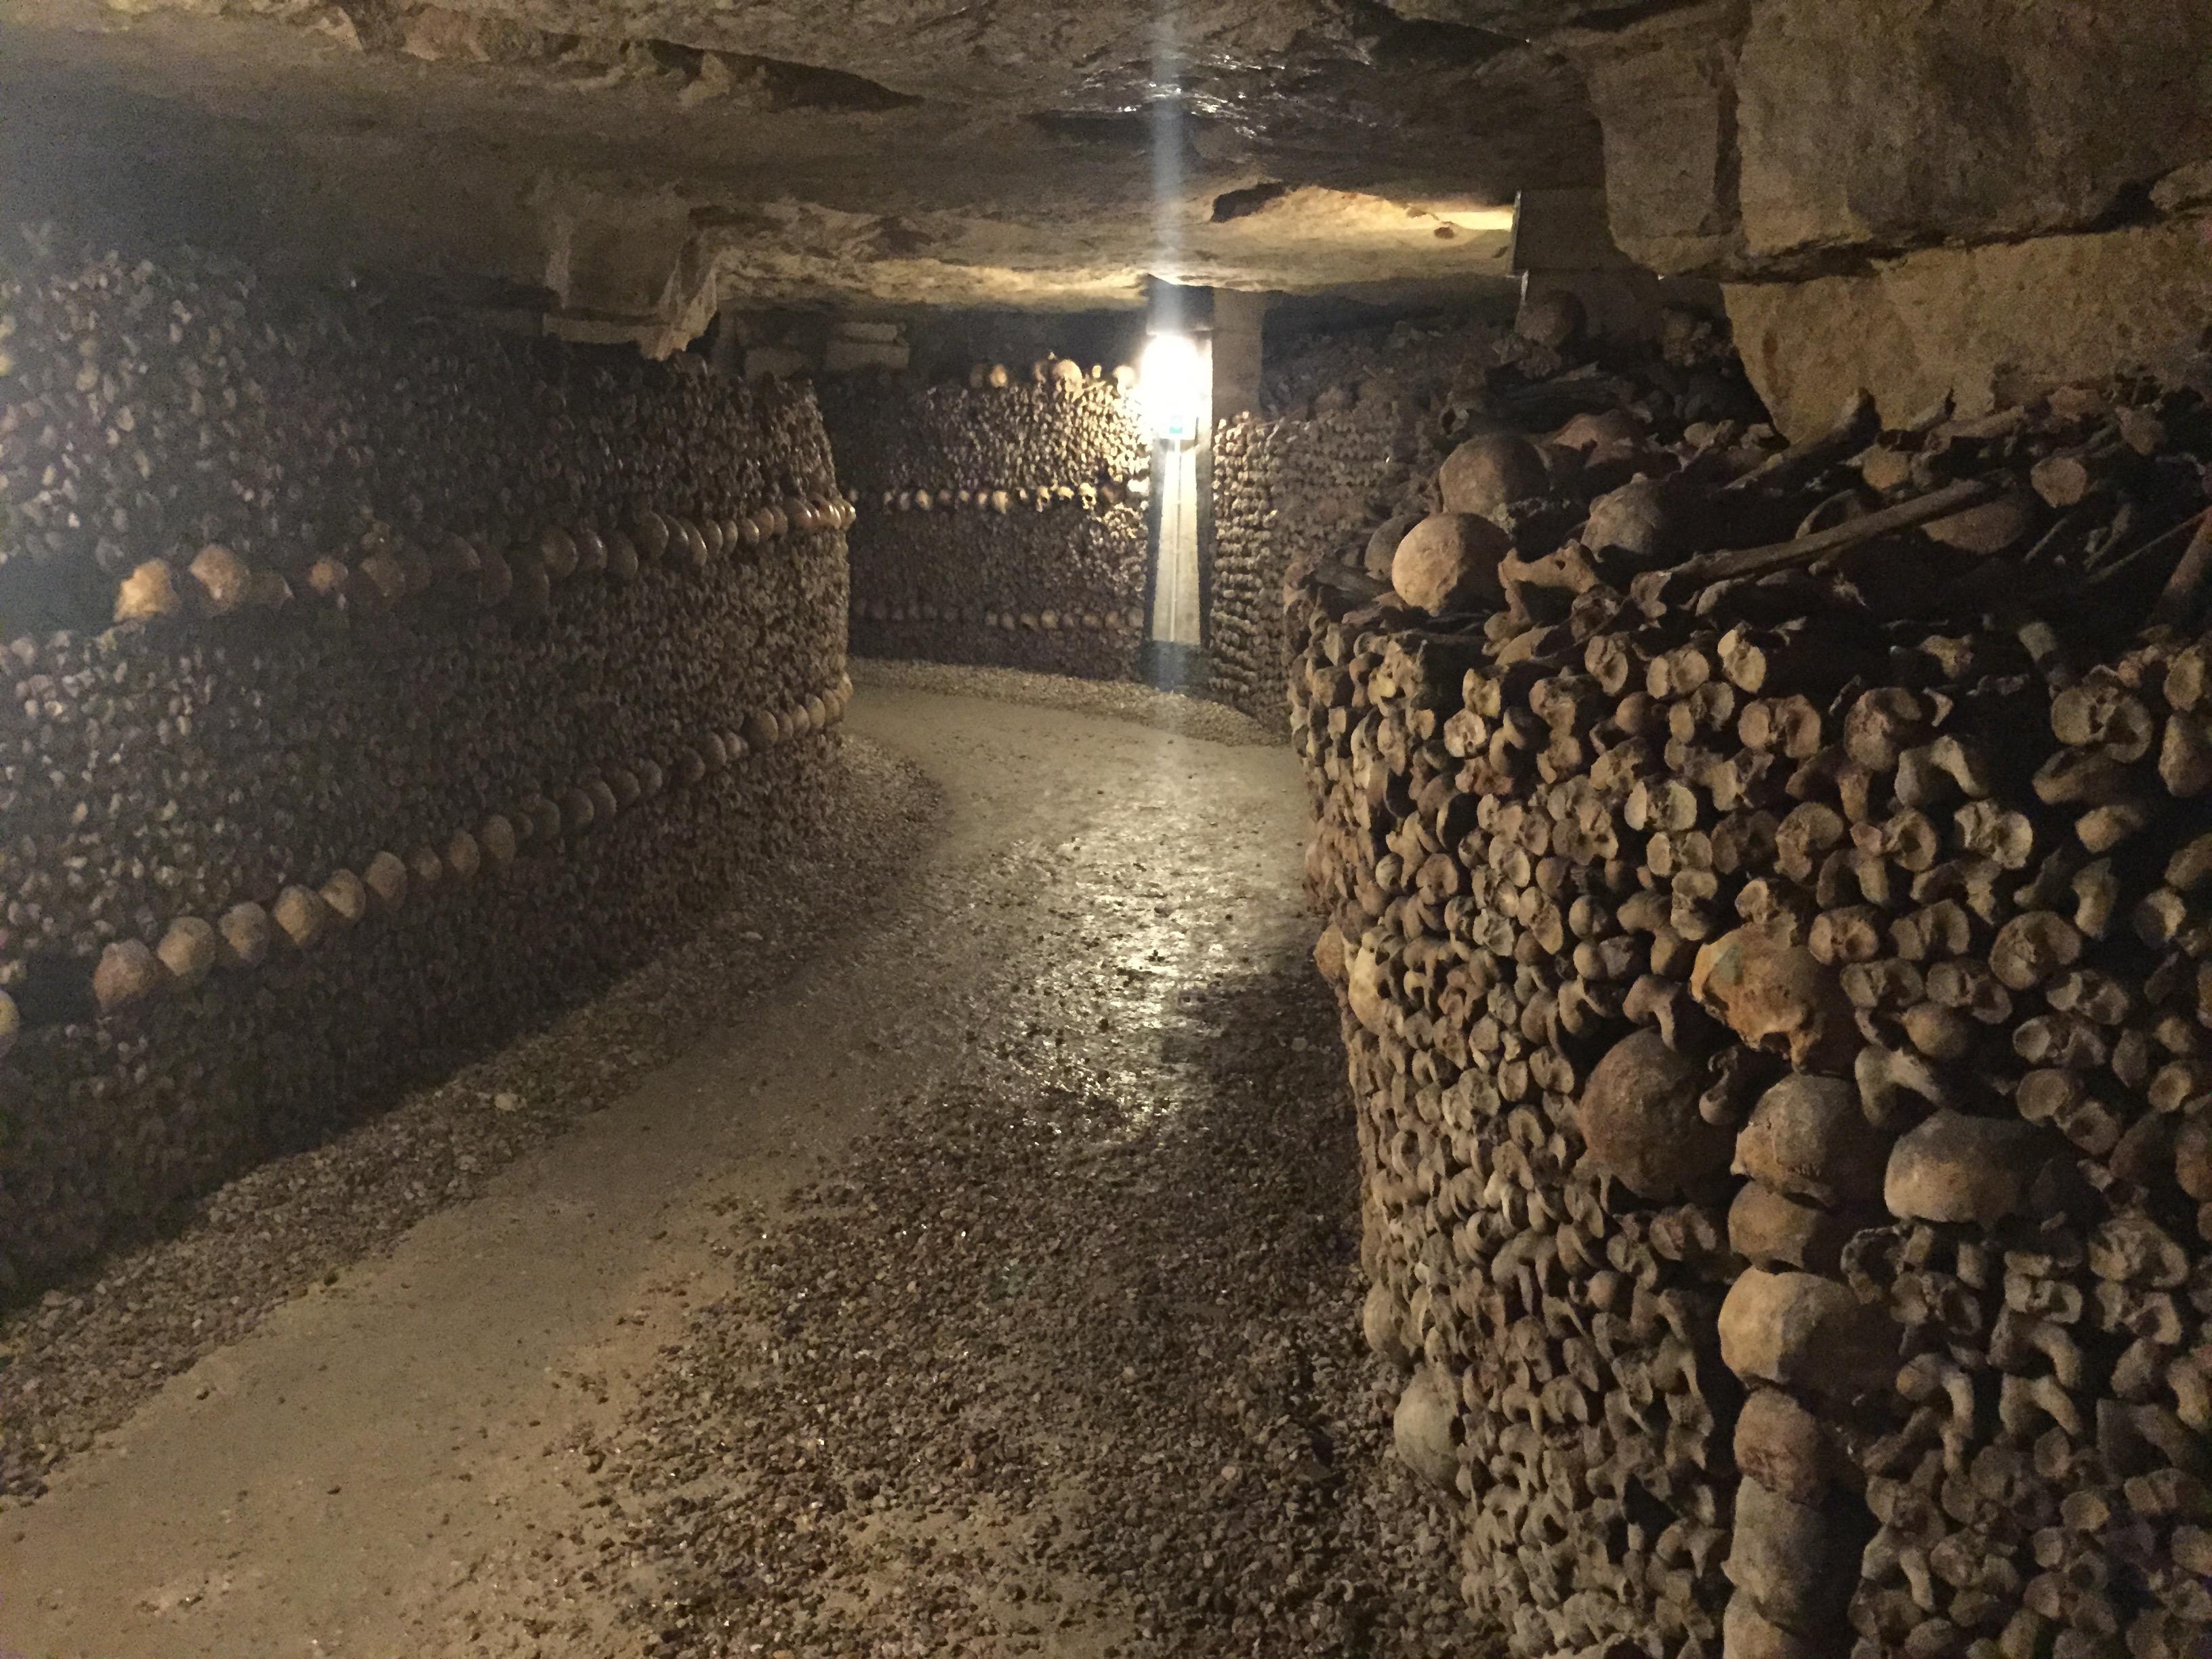 Die Pariser Katakomben sind eine der kuriosesten Touristenattraktionen. Hunderttausende Gebeine lagern hier.